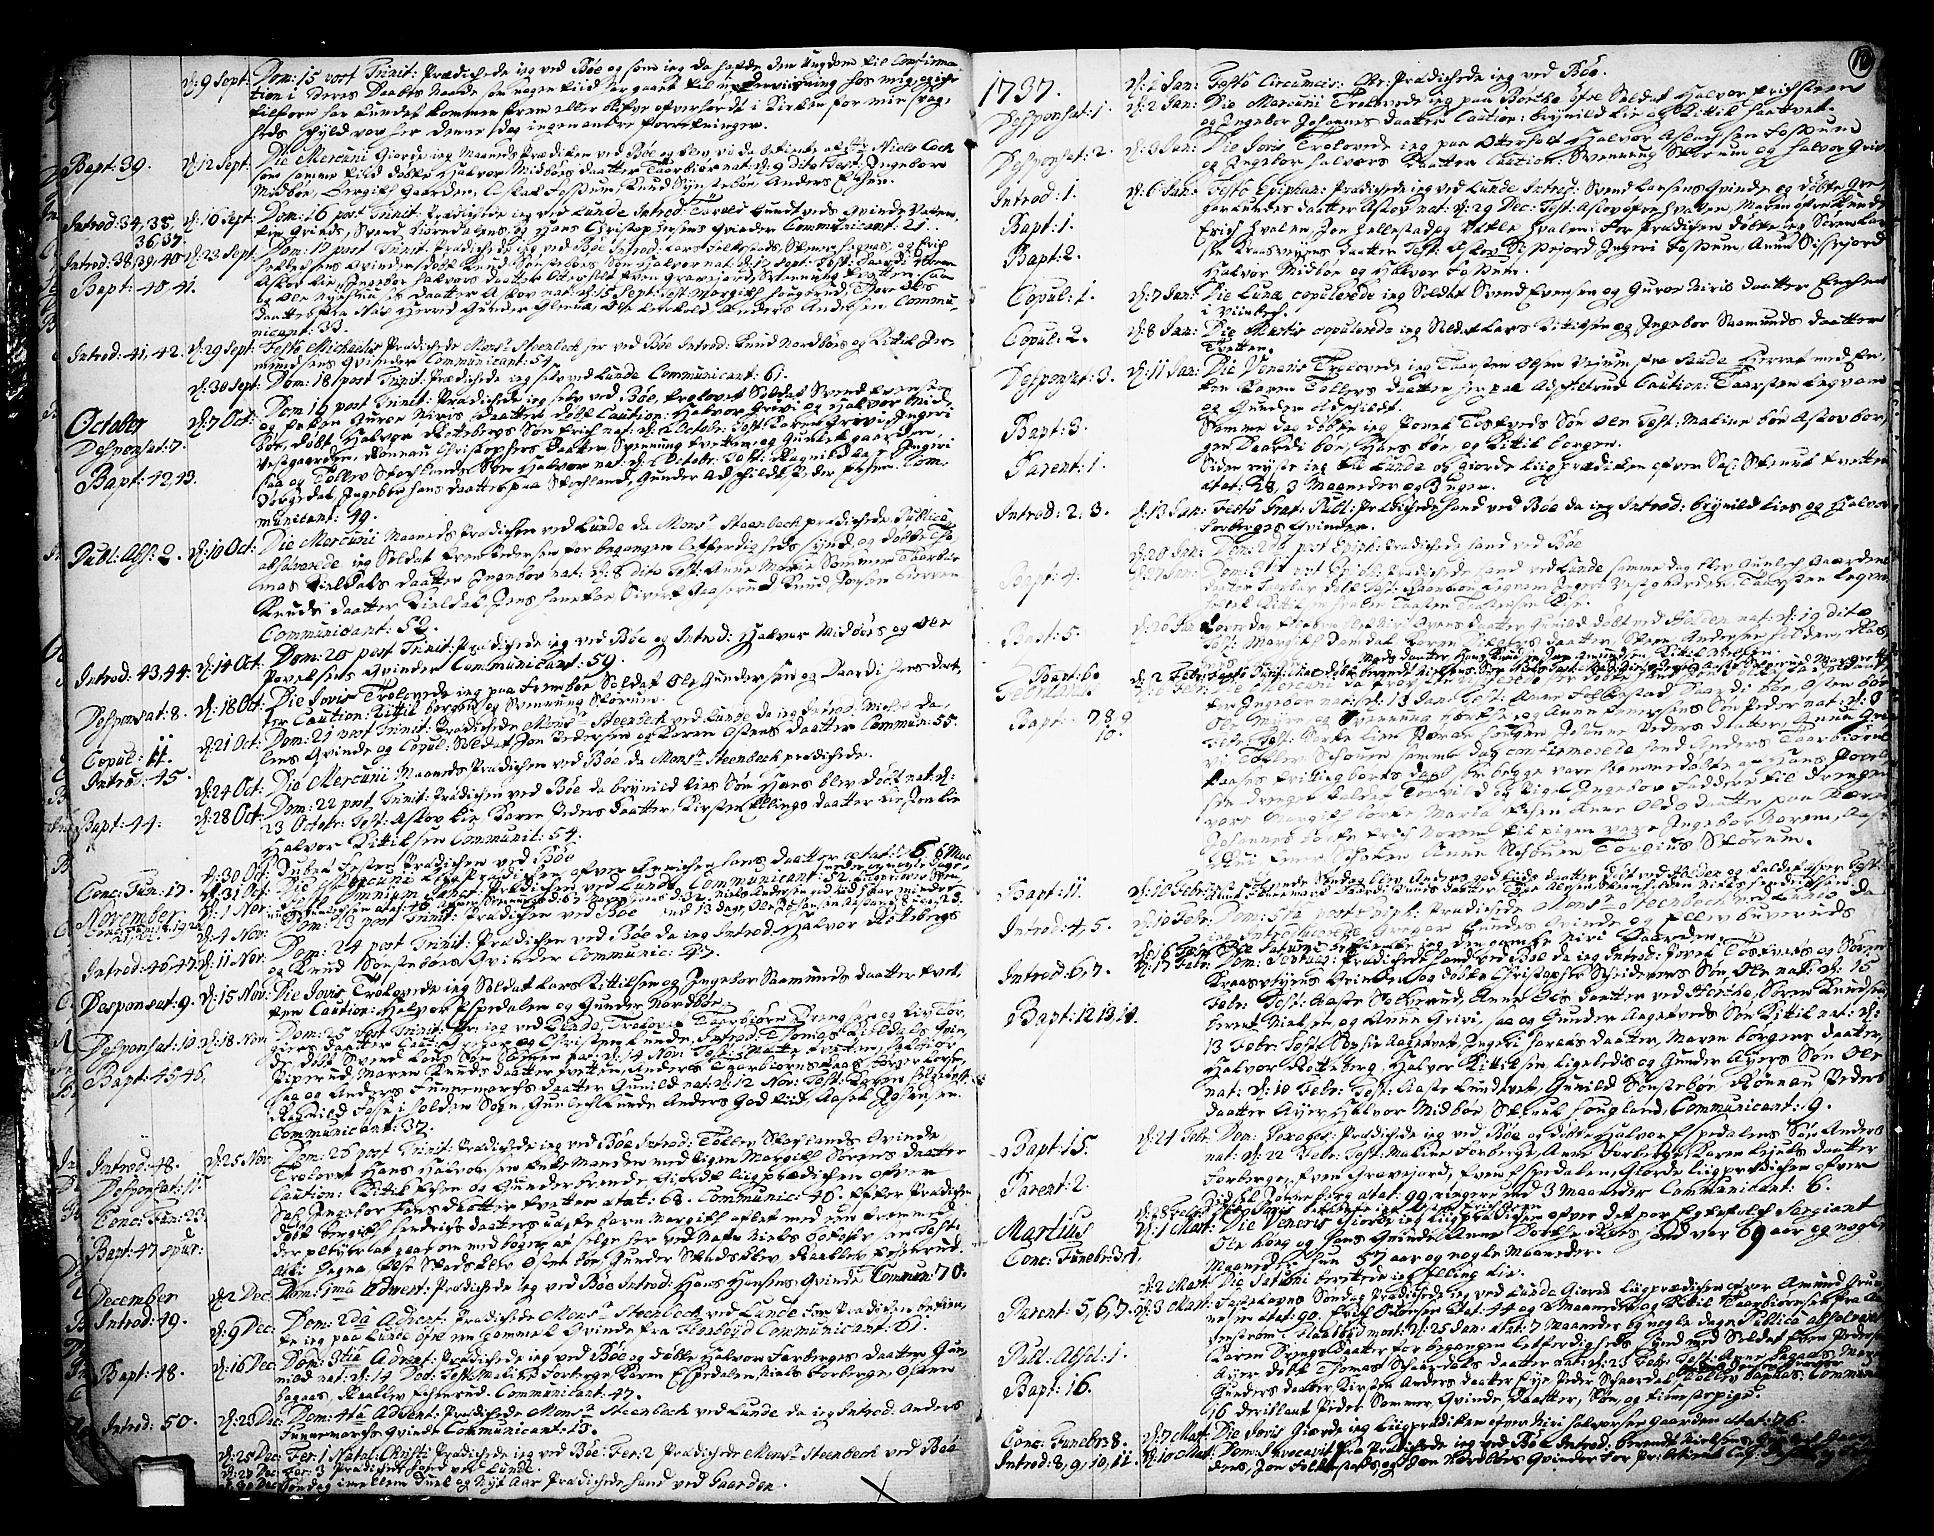 SAKO, Bø kirkebøker, F/Fa/L0003: Ministerialbok nr. 3, 1733-1748, s. 10